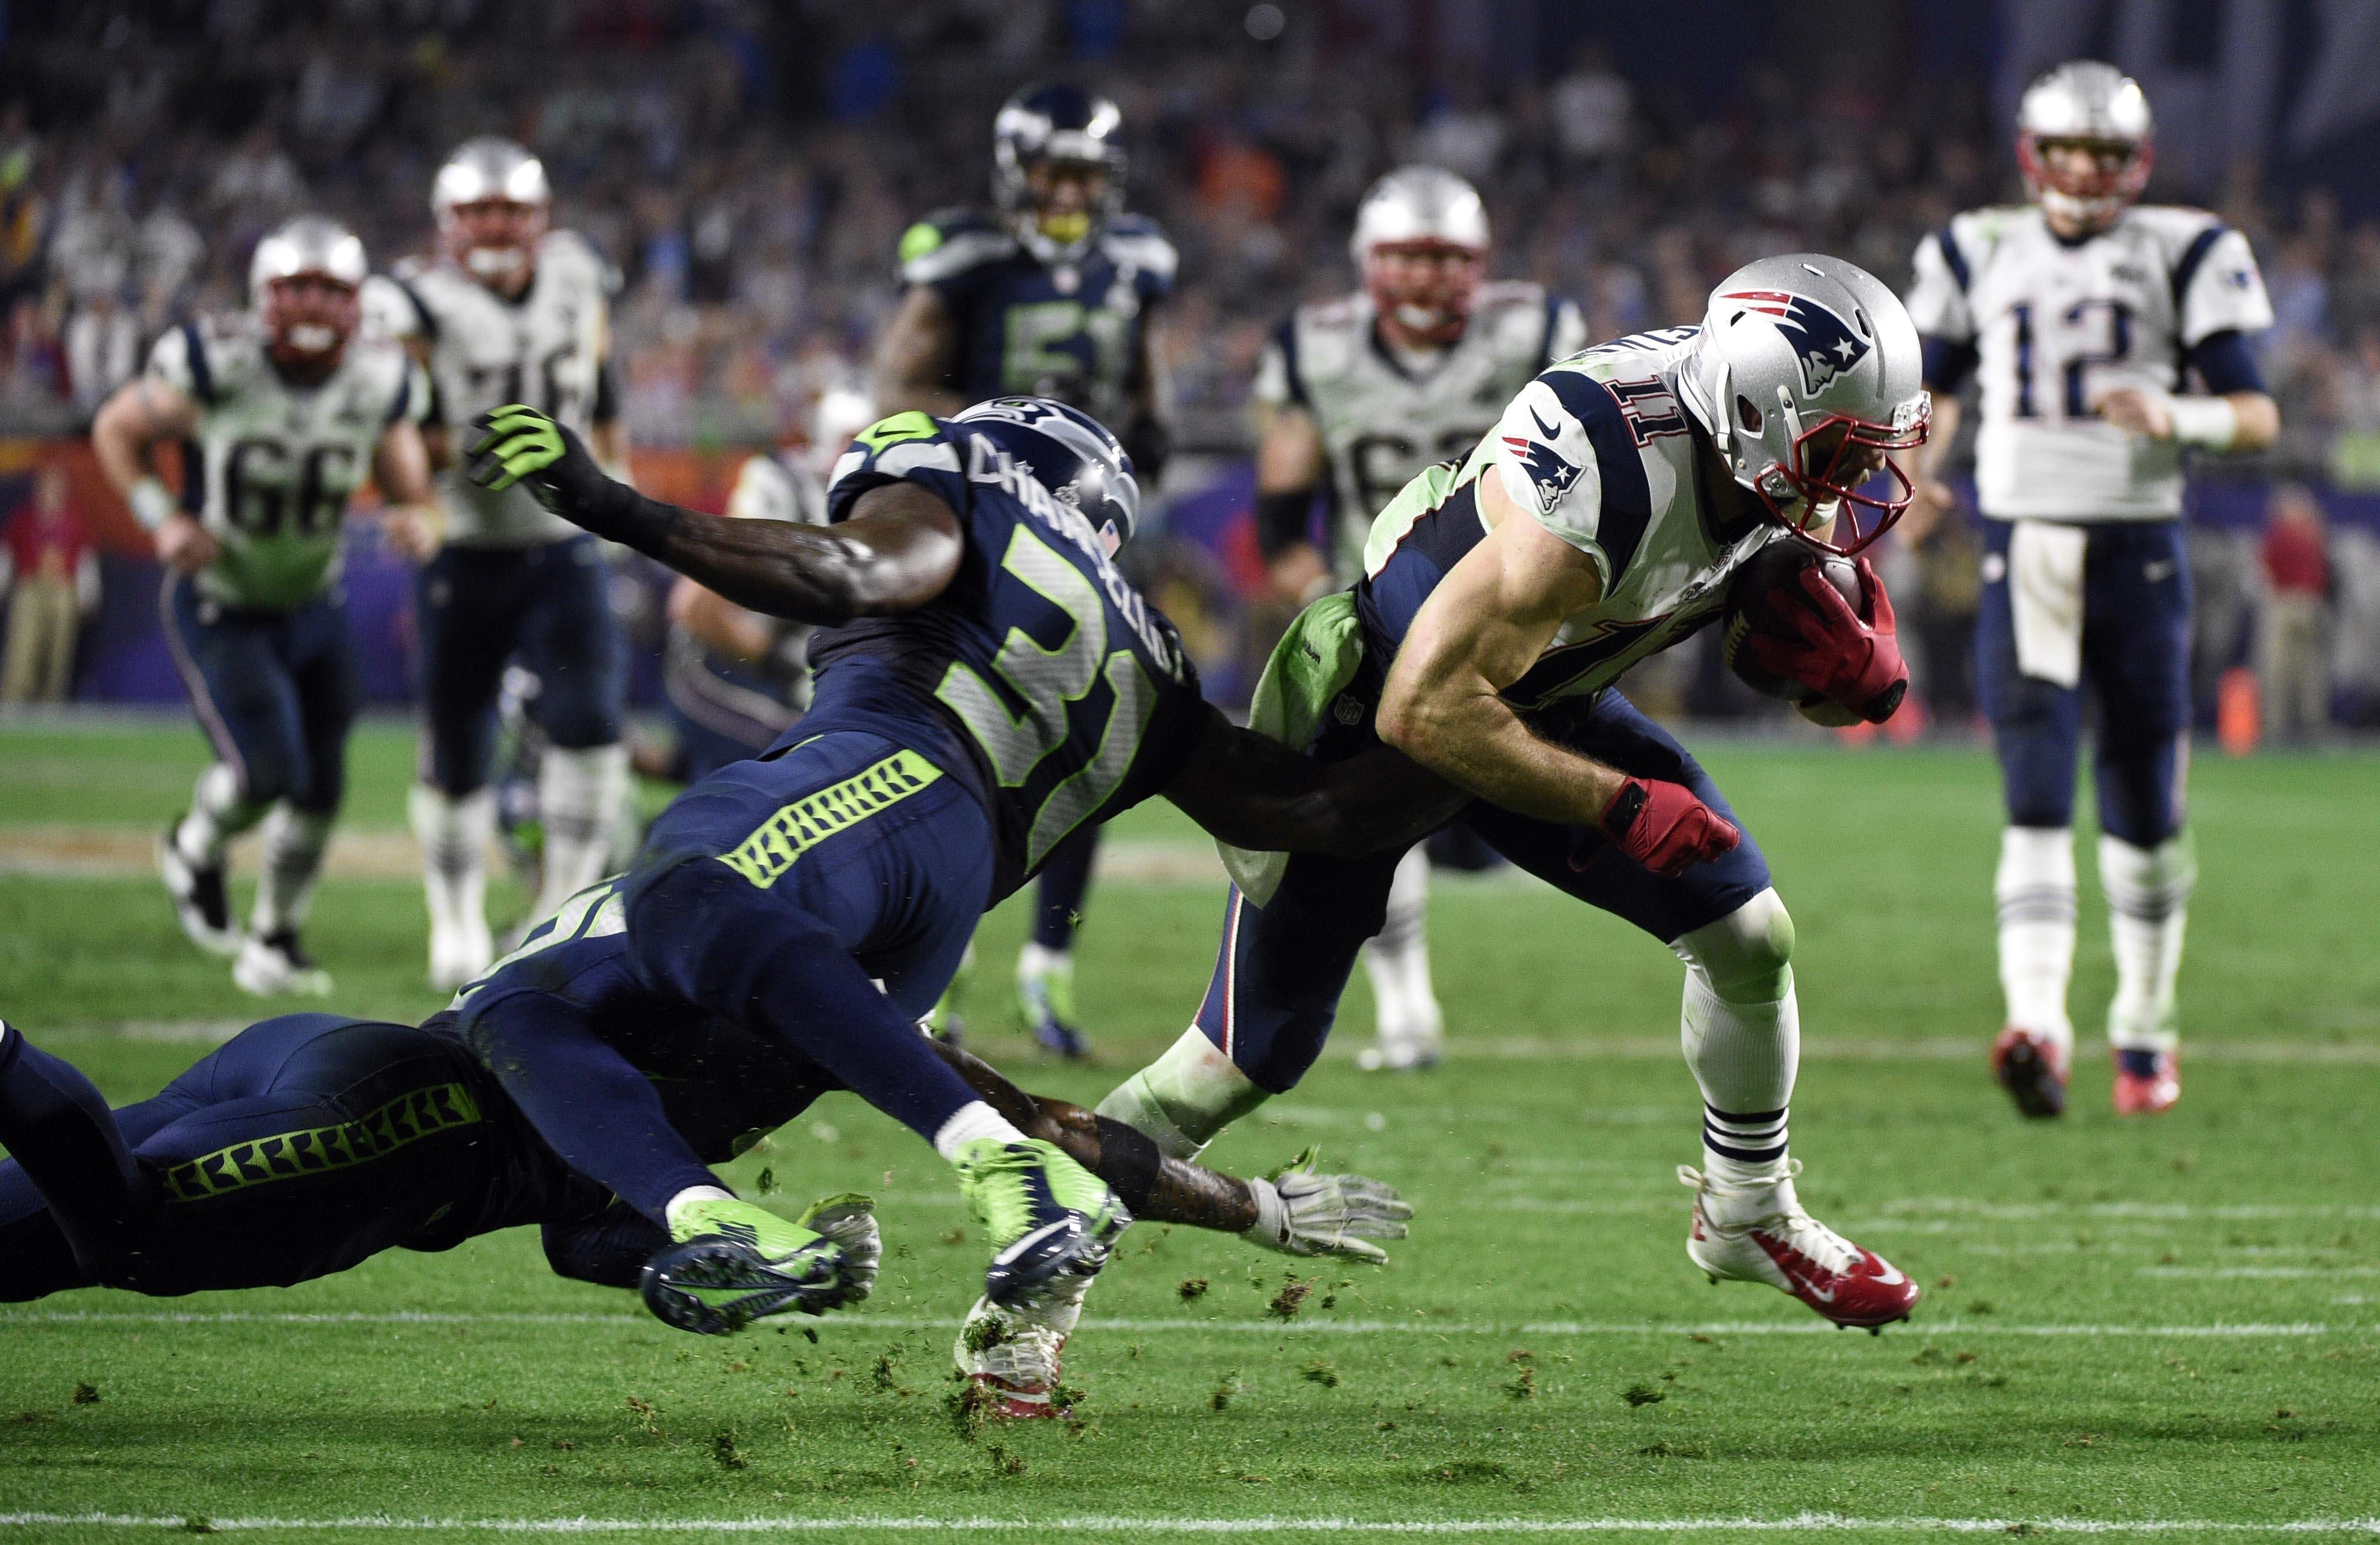 Super Bowl Xlix Report Card: Patriots Ace Finals Week with regard to Patriots Seahawks Super Bowl